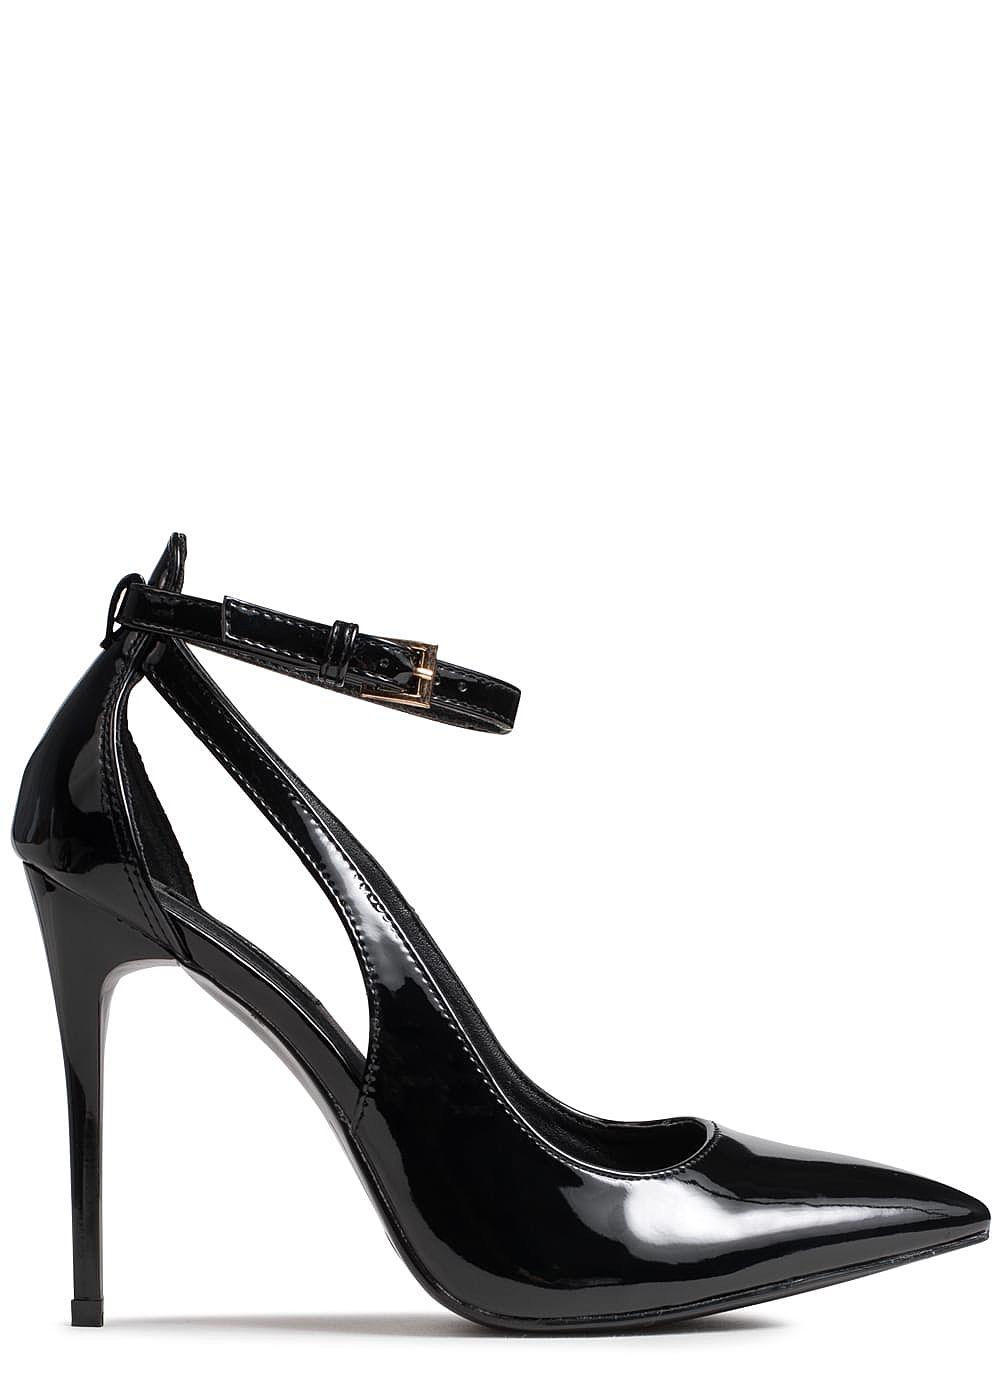 072d13320ee5f8 Seventyseven Lifestyle Schuh Damen Pumps Absatz 11cm schwarz ...